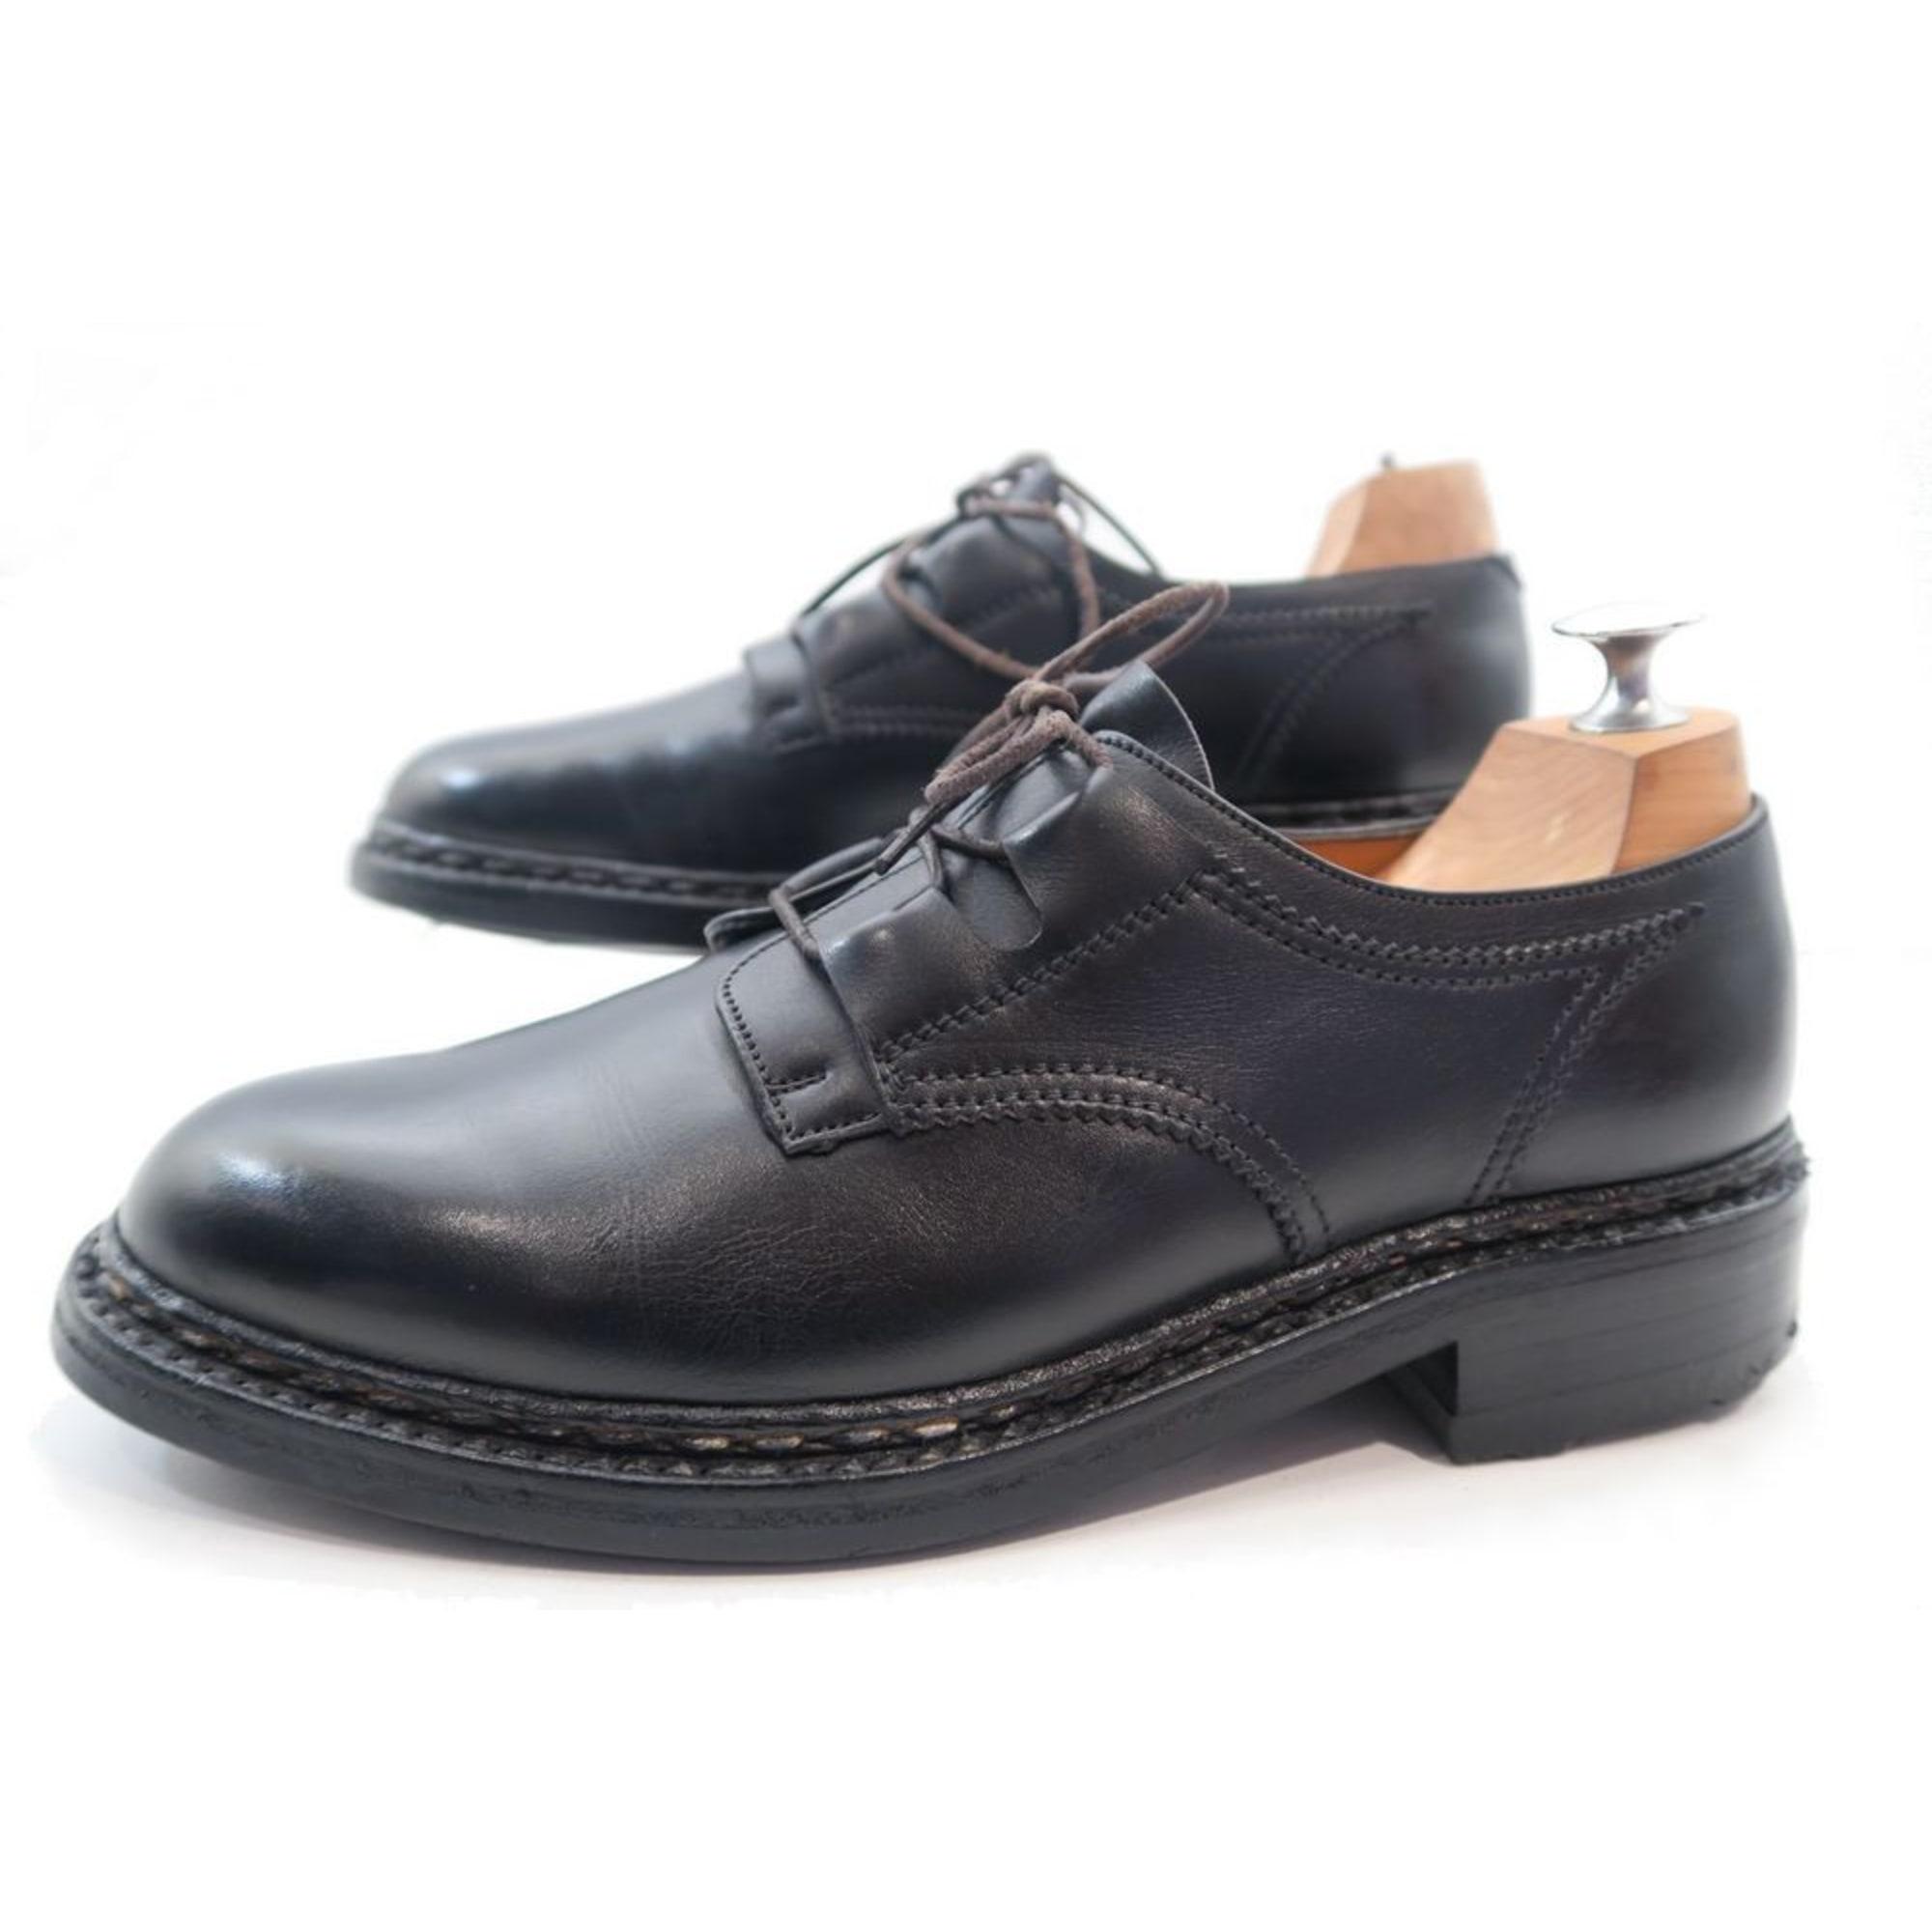 Chaussures à lacets J.M. WESTON 40,5 noir - 5847601 bec269c3289